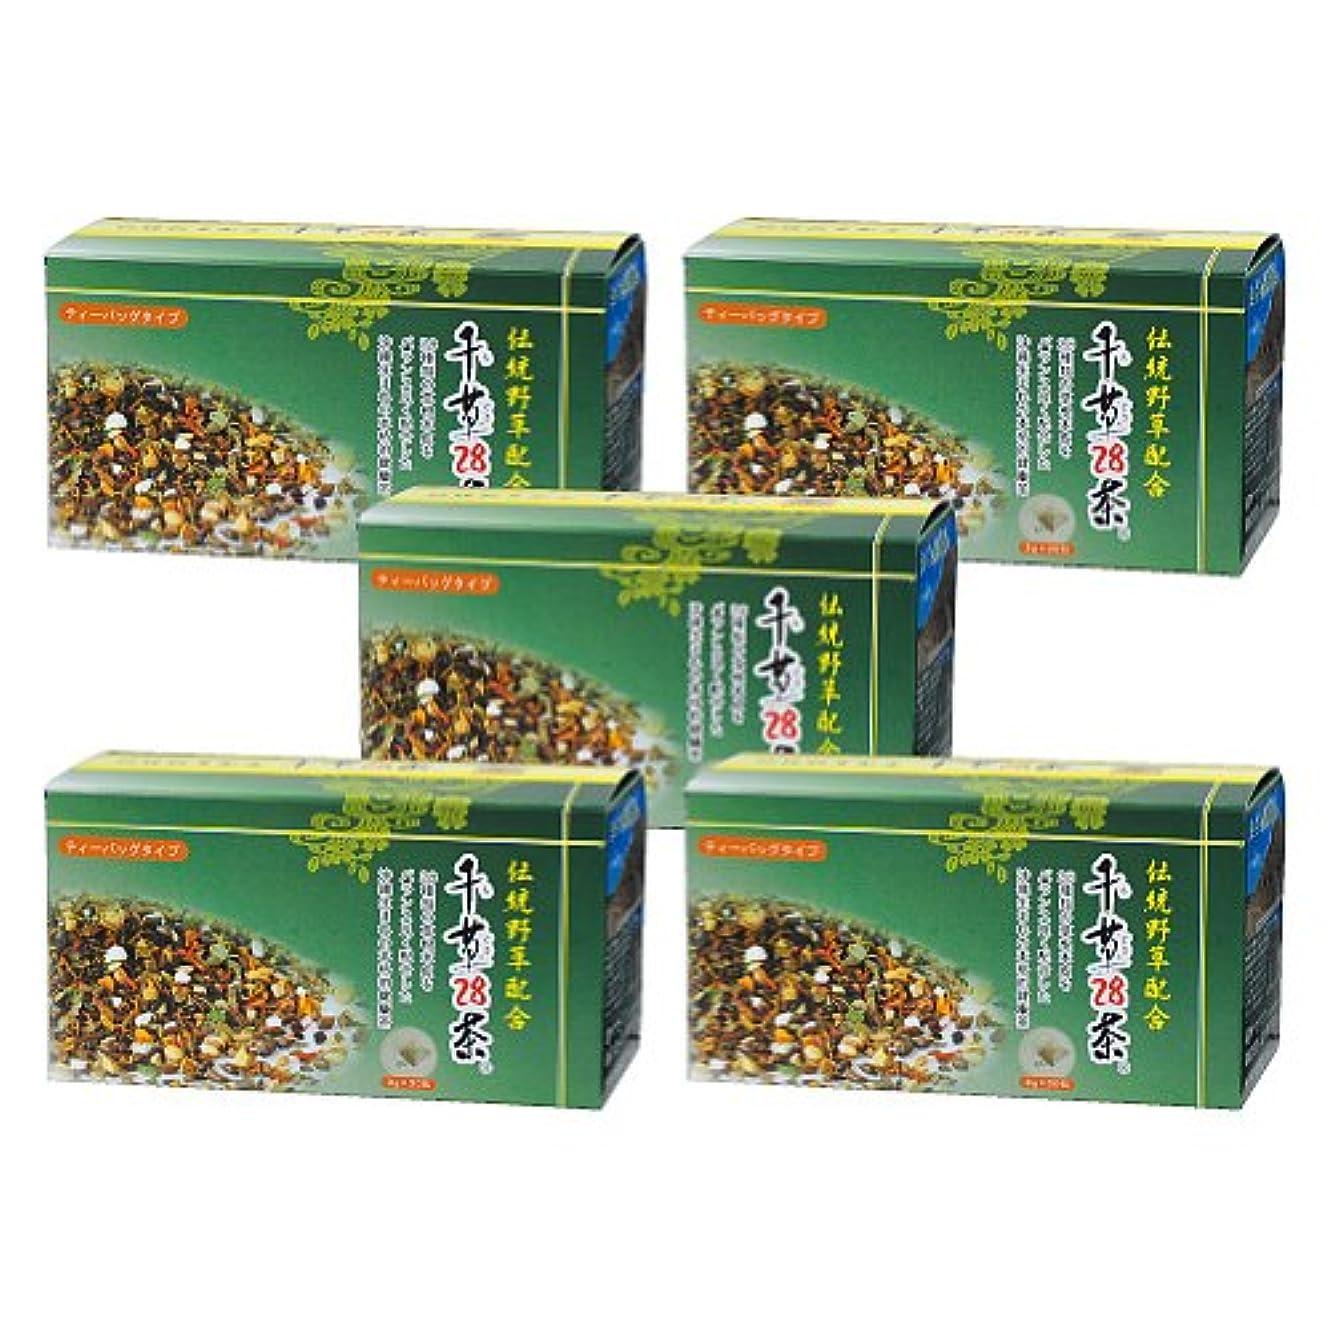 テレマコス八鉱夫千草28茶 ティーバッグタイプ 30包×5個